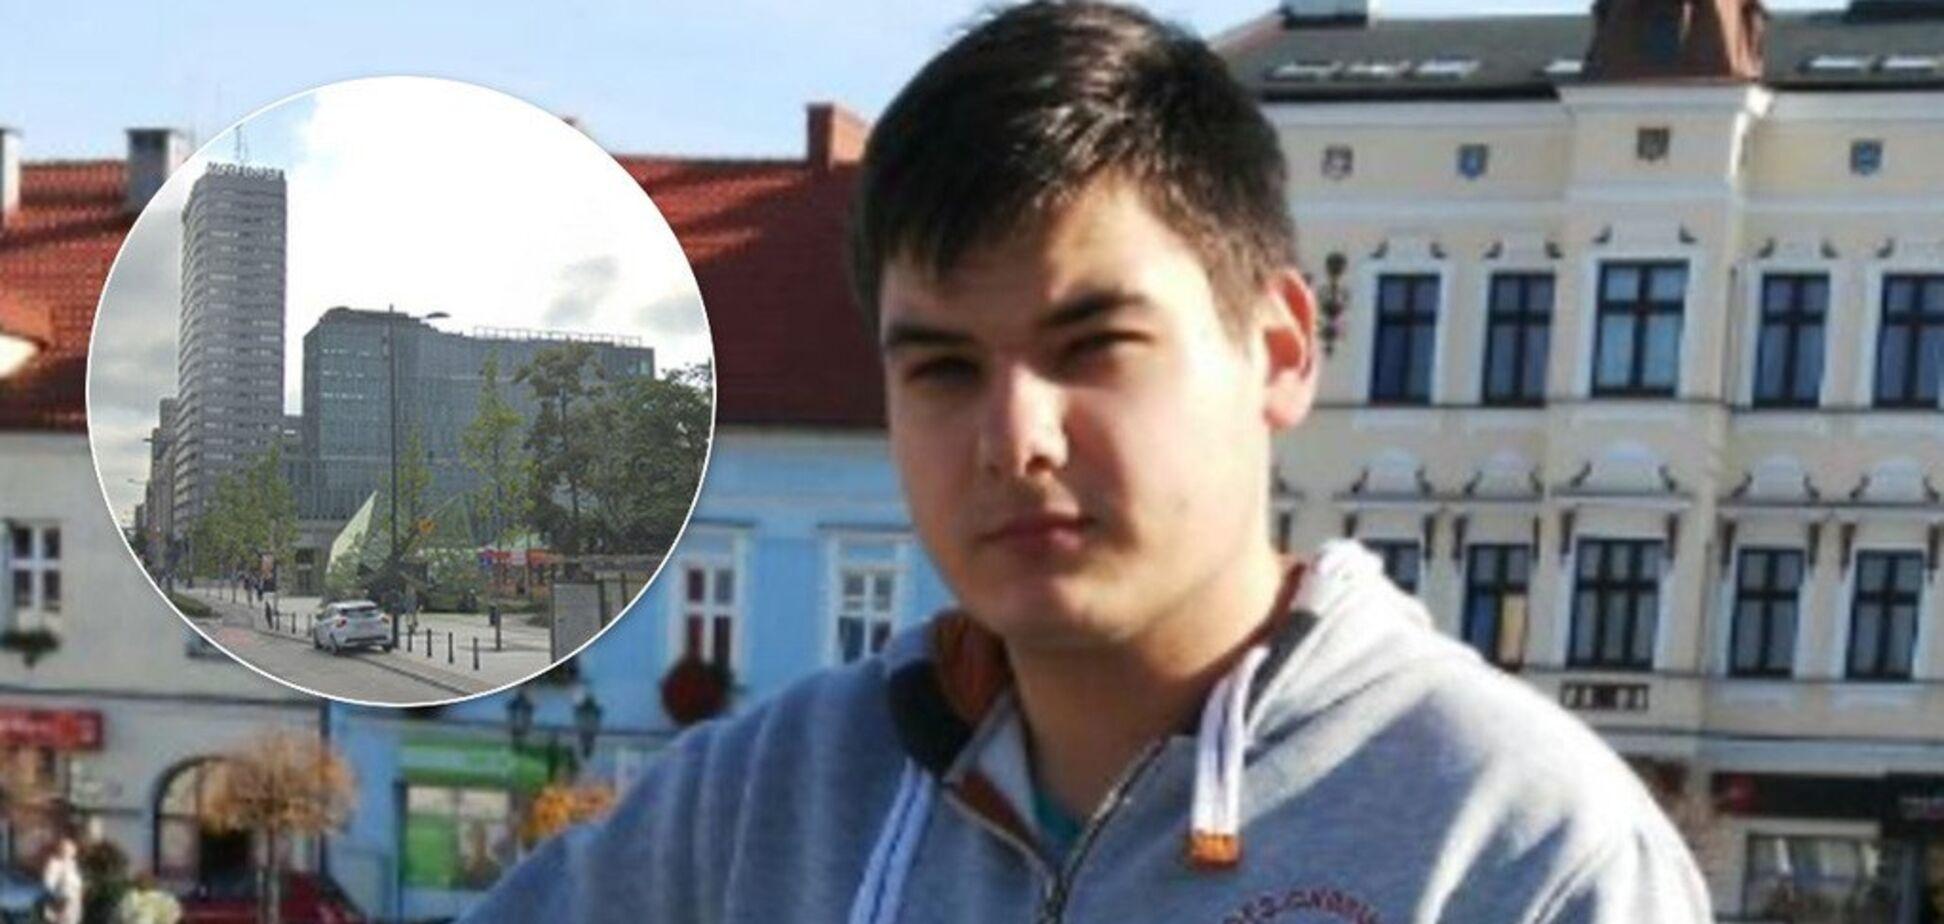 На голову упал самоубийца: в Польше произошло страшное происшествие с украинцем